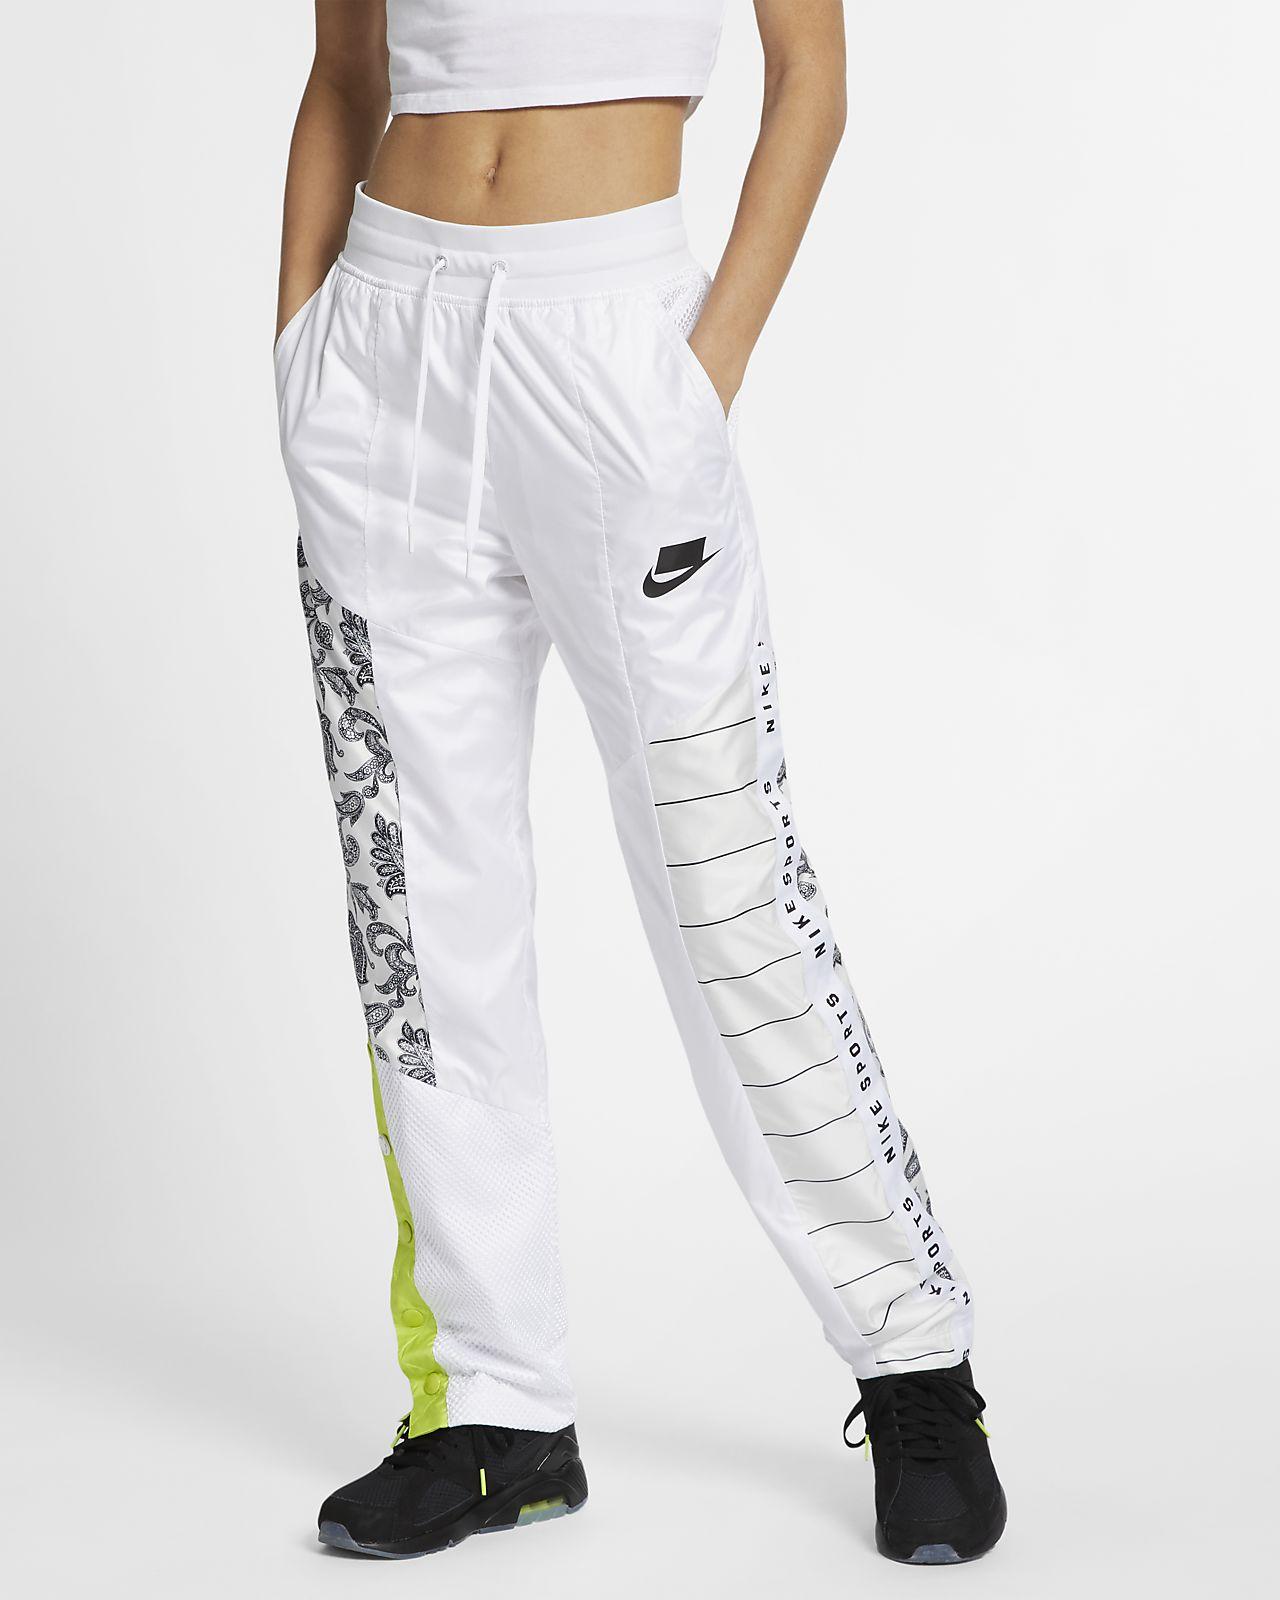 Venta caliente genuino pensamientos sobre gama exclusiva Pantalones de entrenamiento tejidos para mujer Nike Sportswear NSW